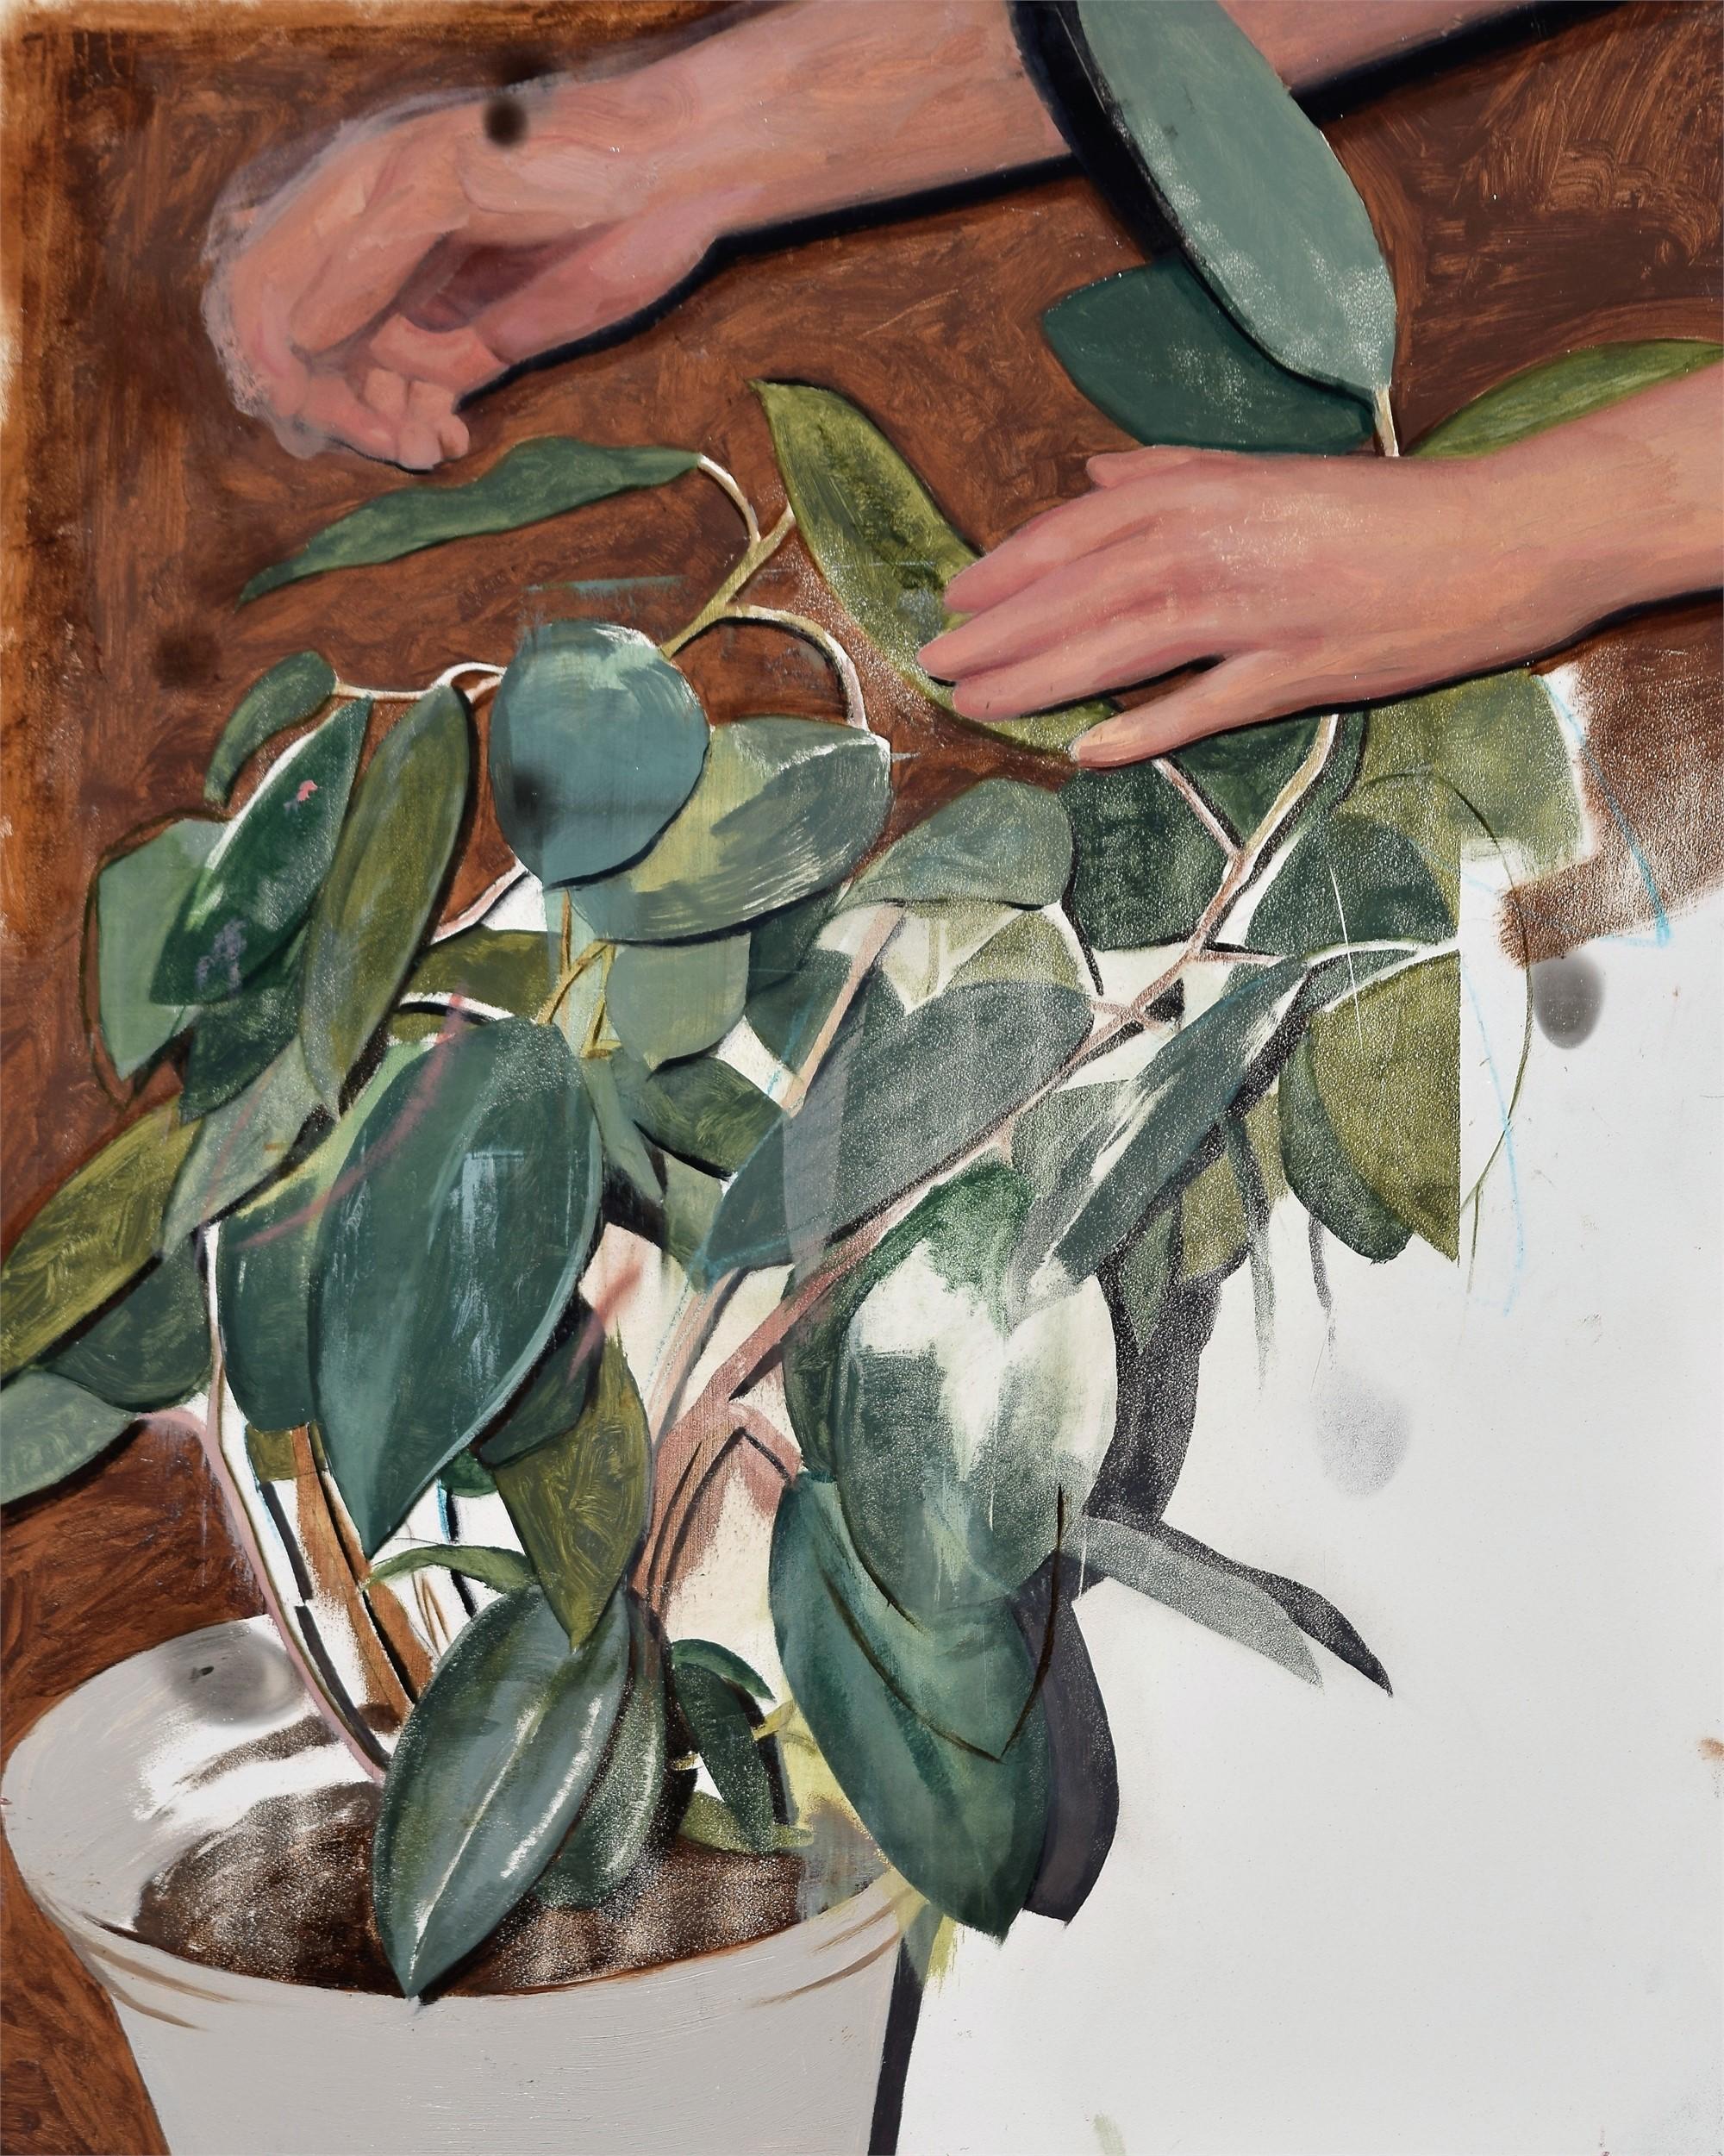 Rubber Plant by Daniel Segrove